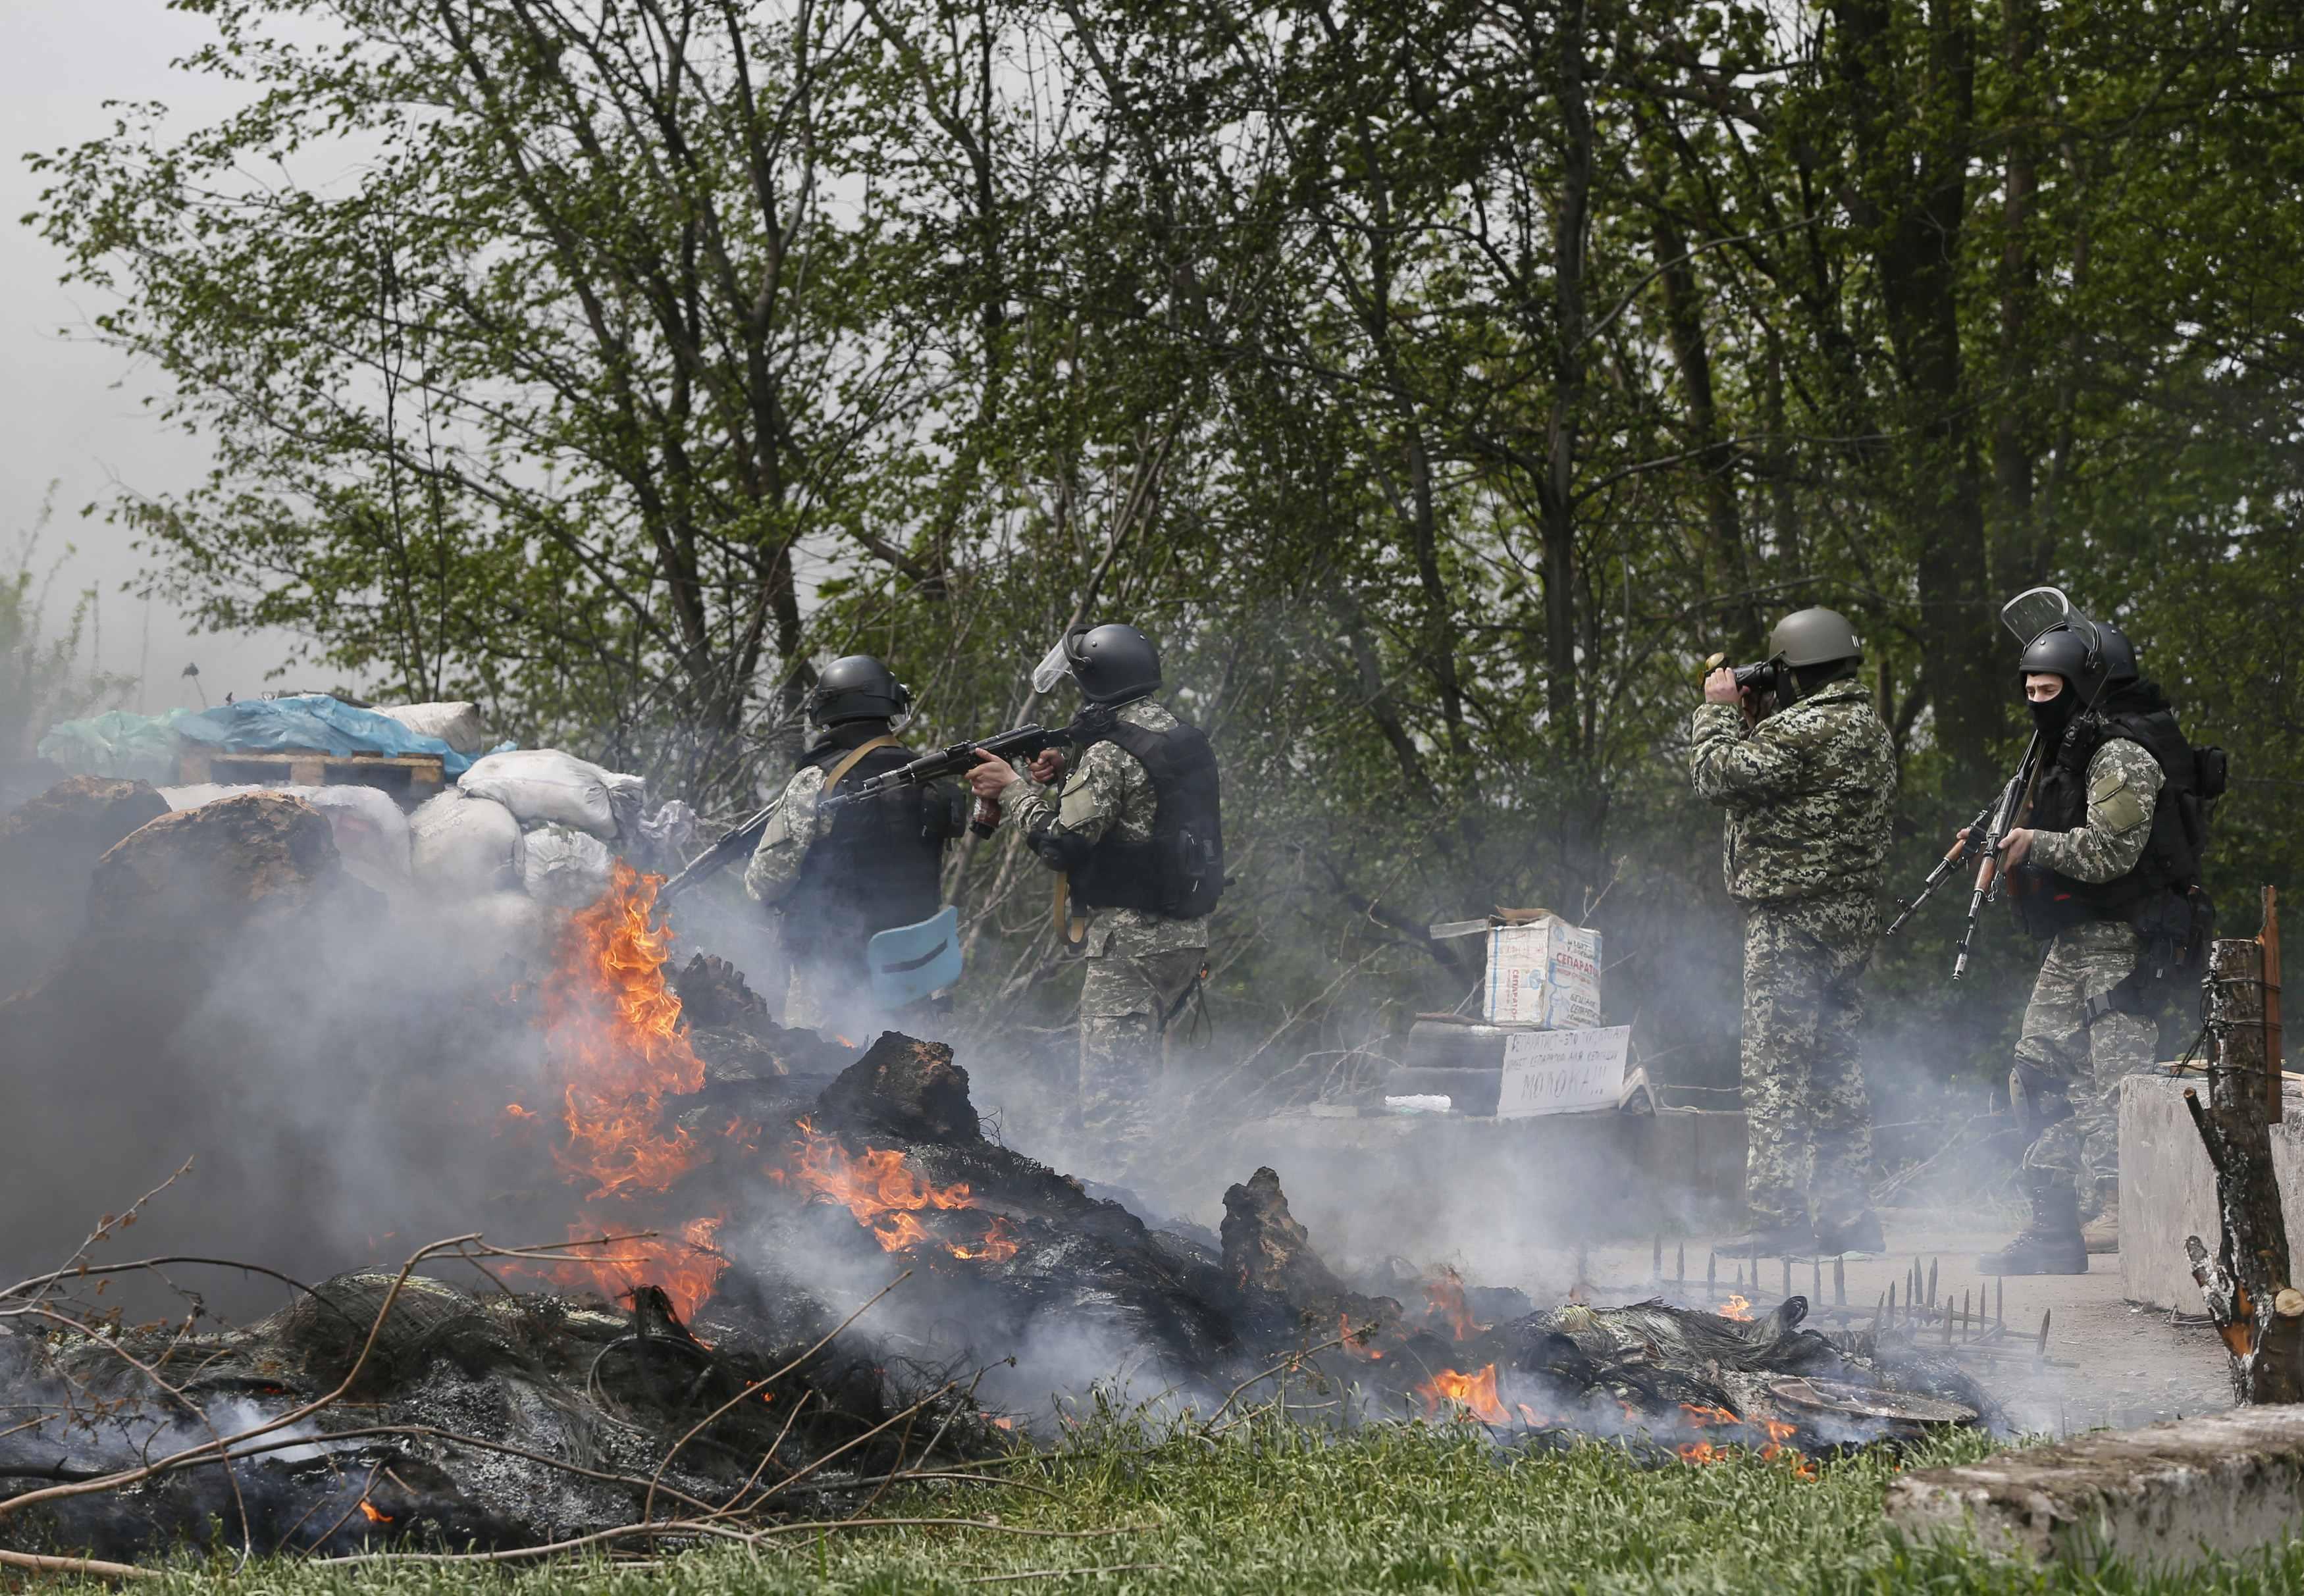 бои на украине картинки отзывам, основной контингент